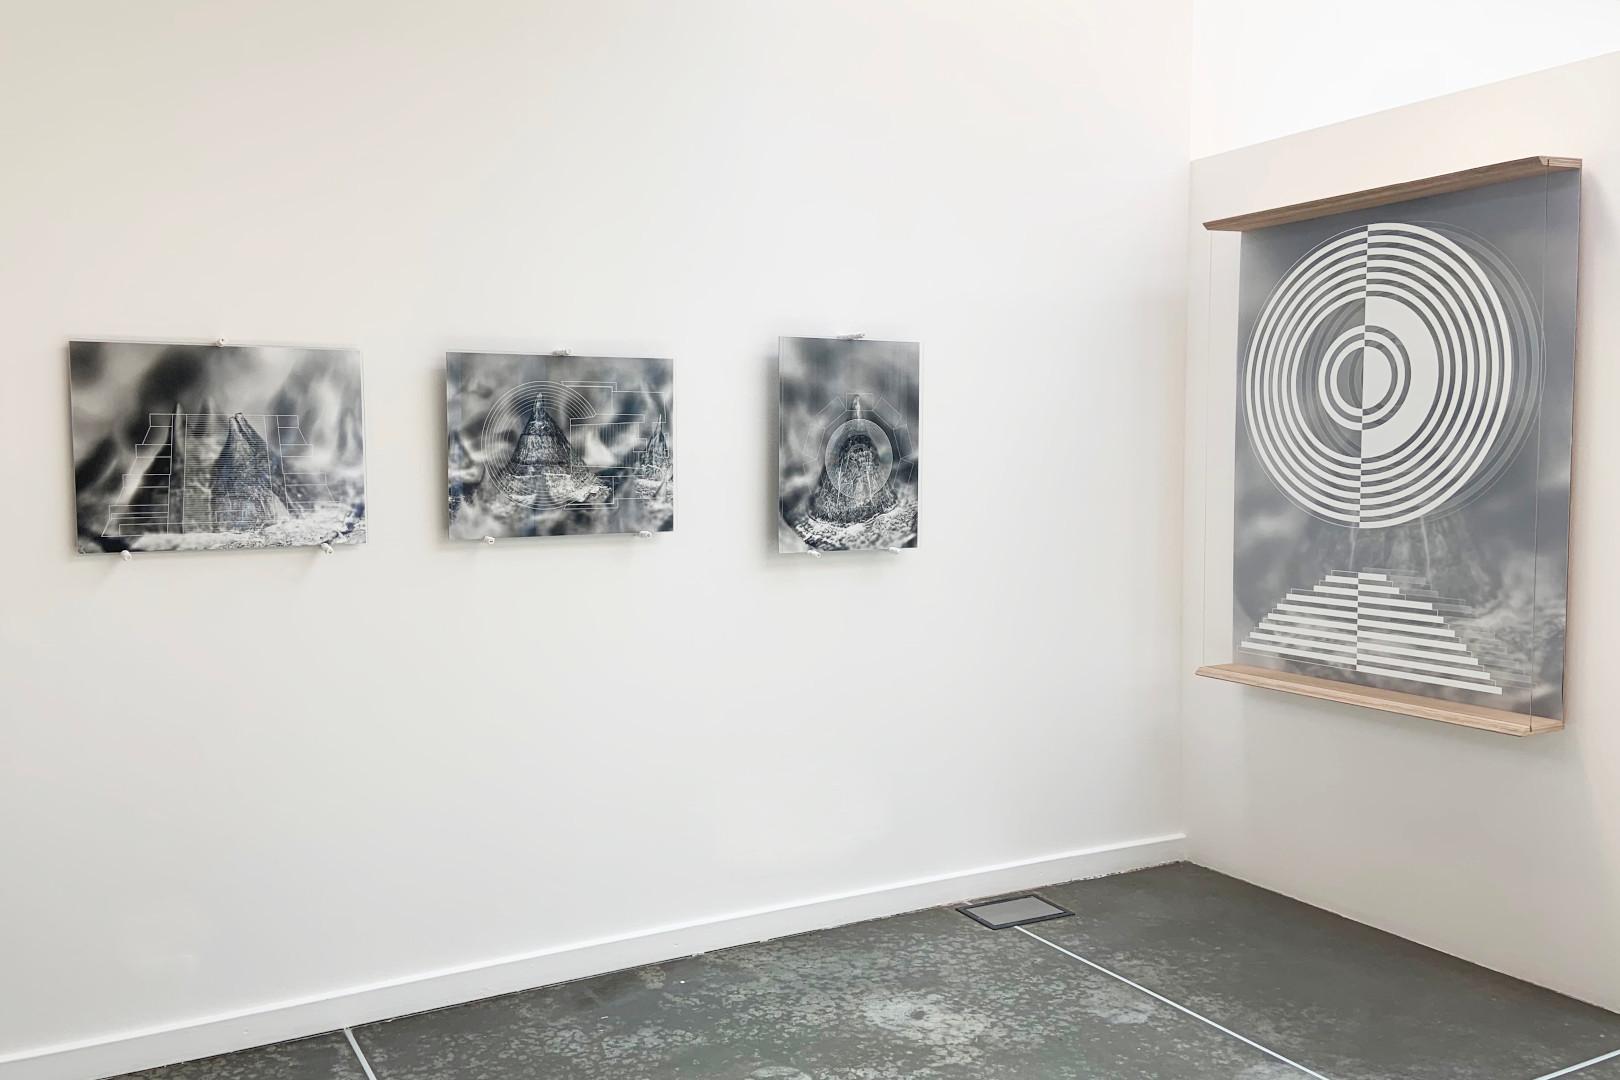 Una veduta della mostra 'Resistenza Resilienza' di Michele Guido al 'Pav' di Torino